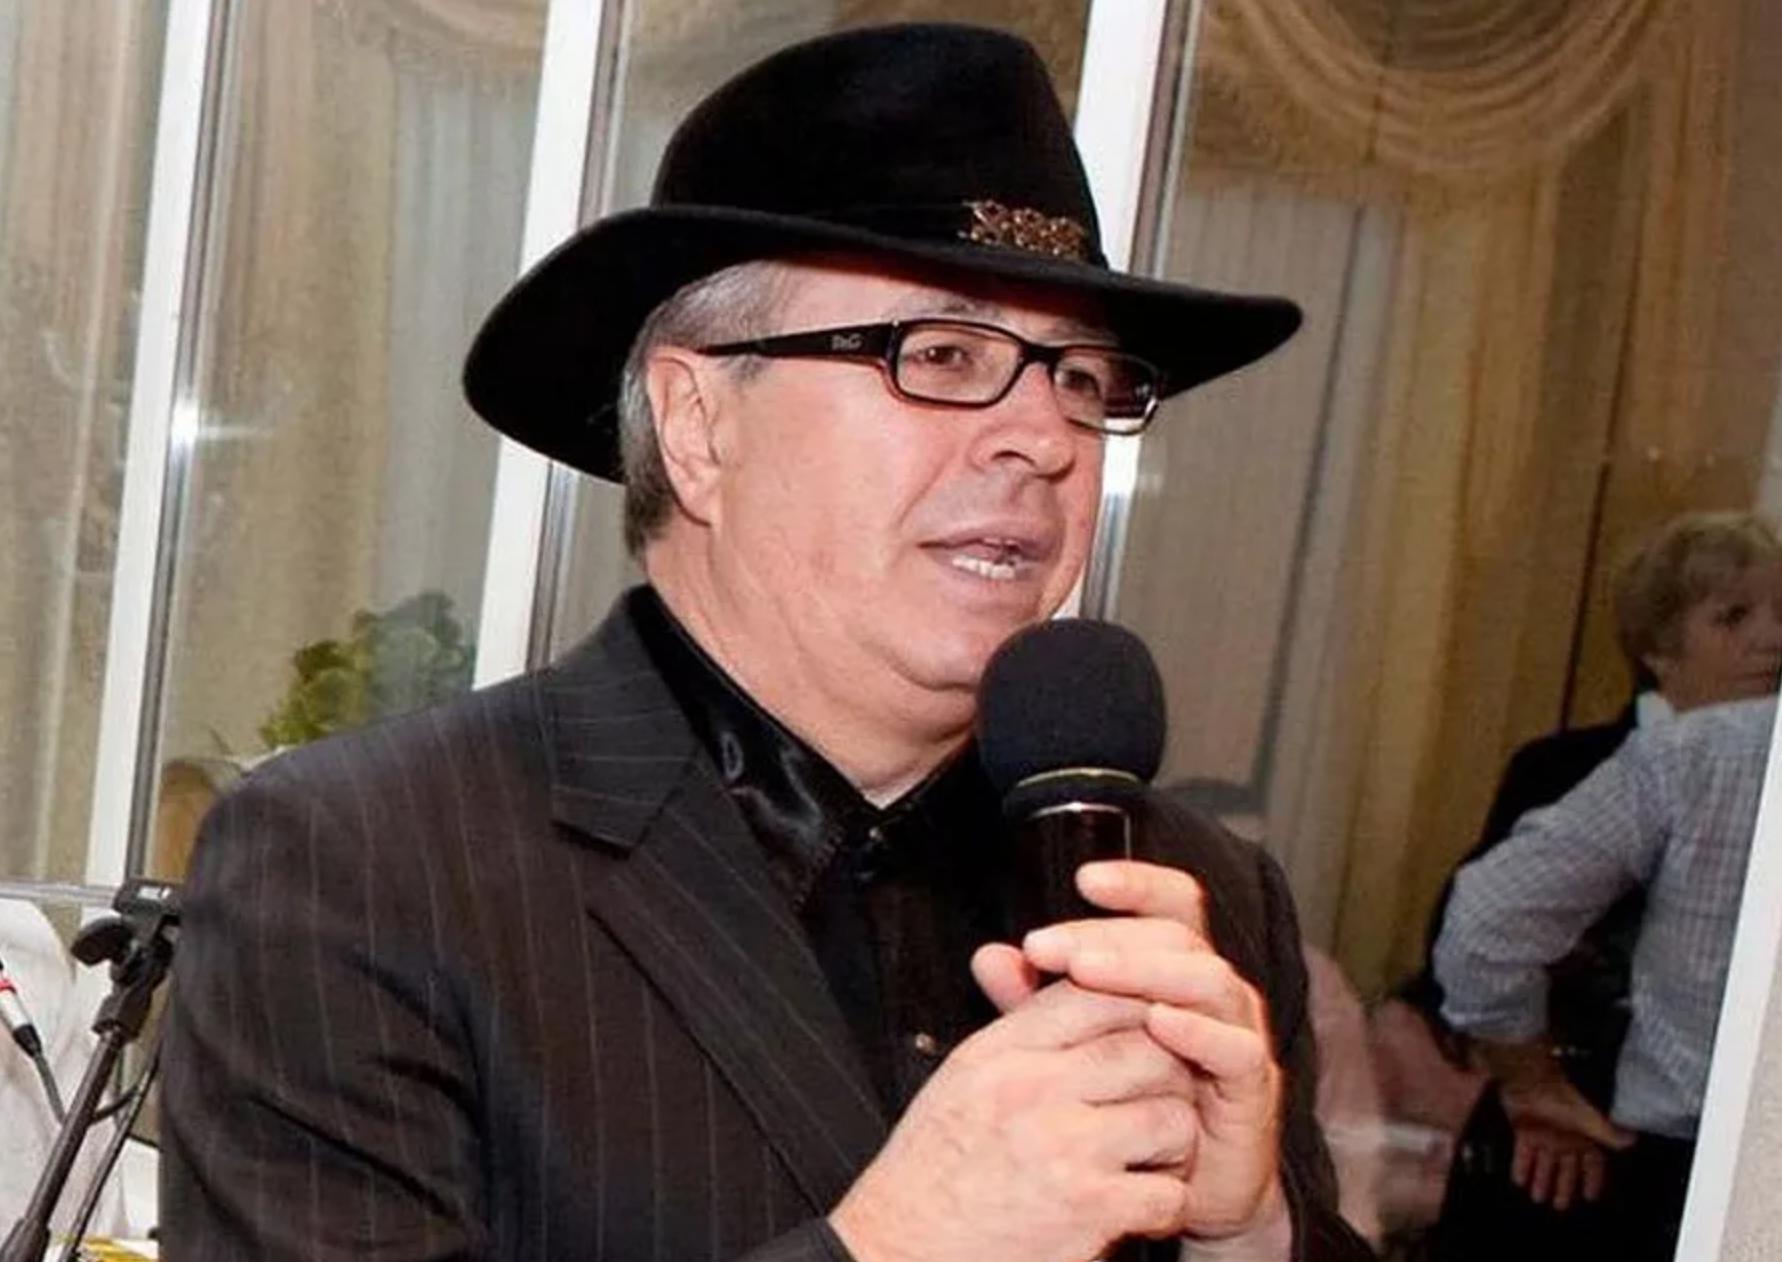 Ион Суручану